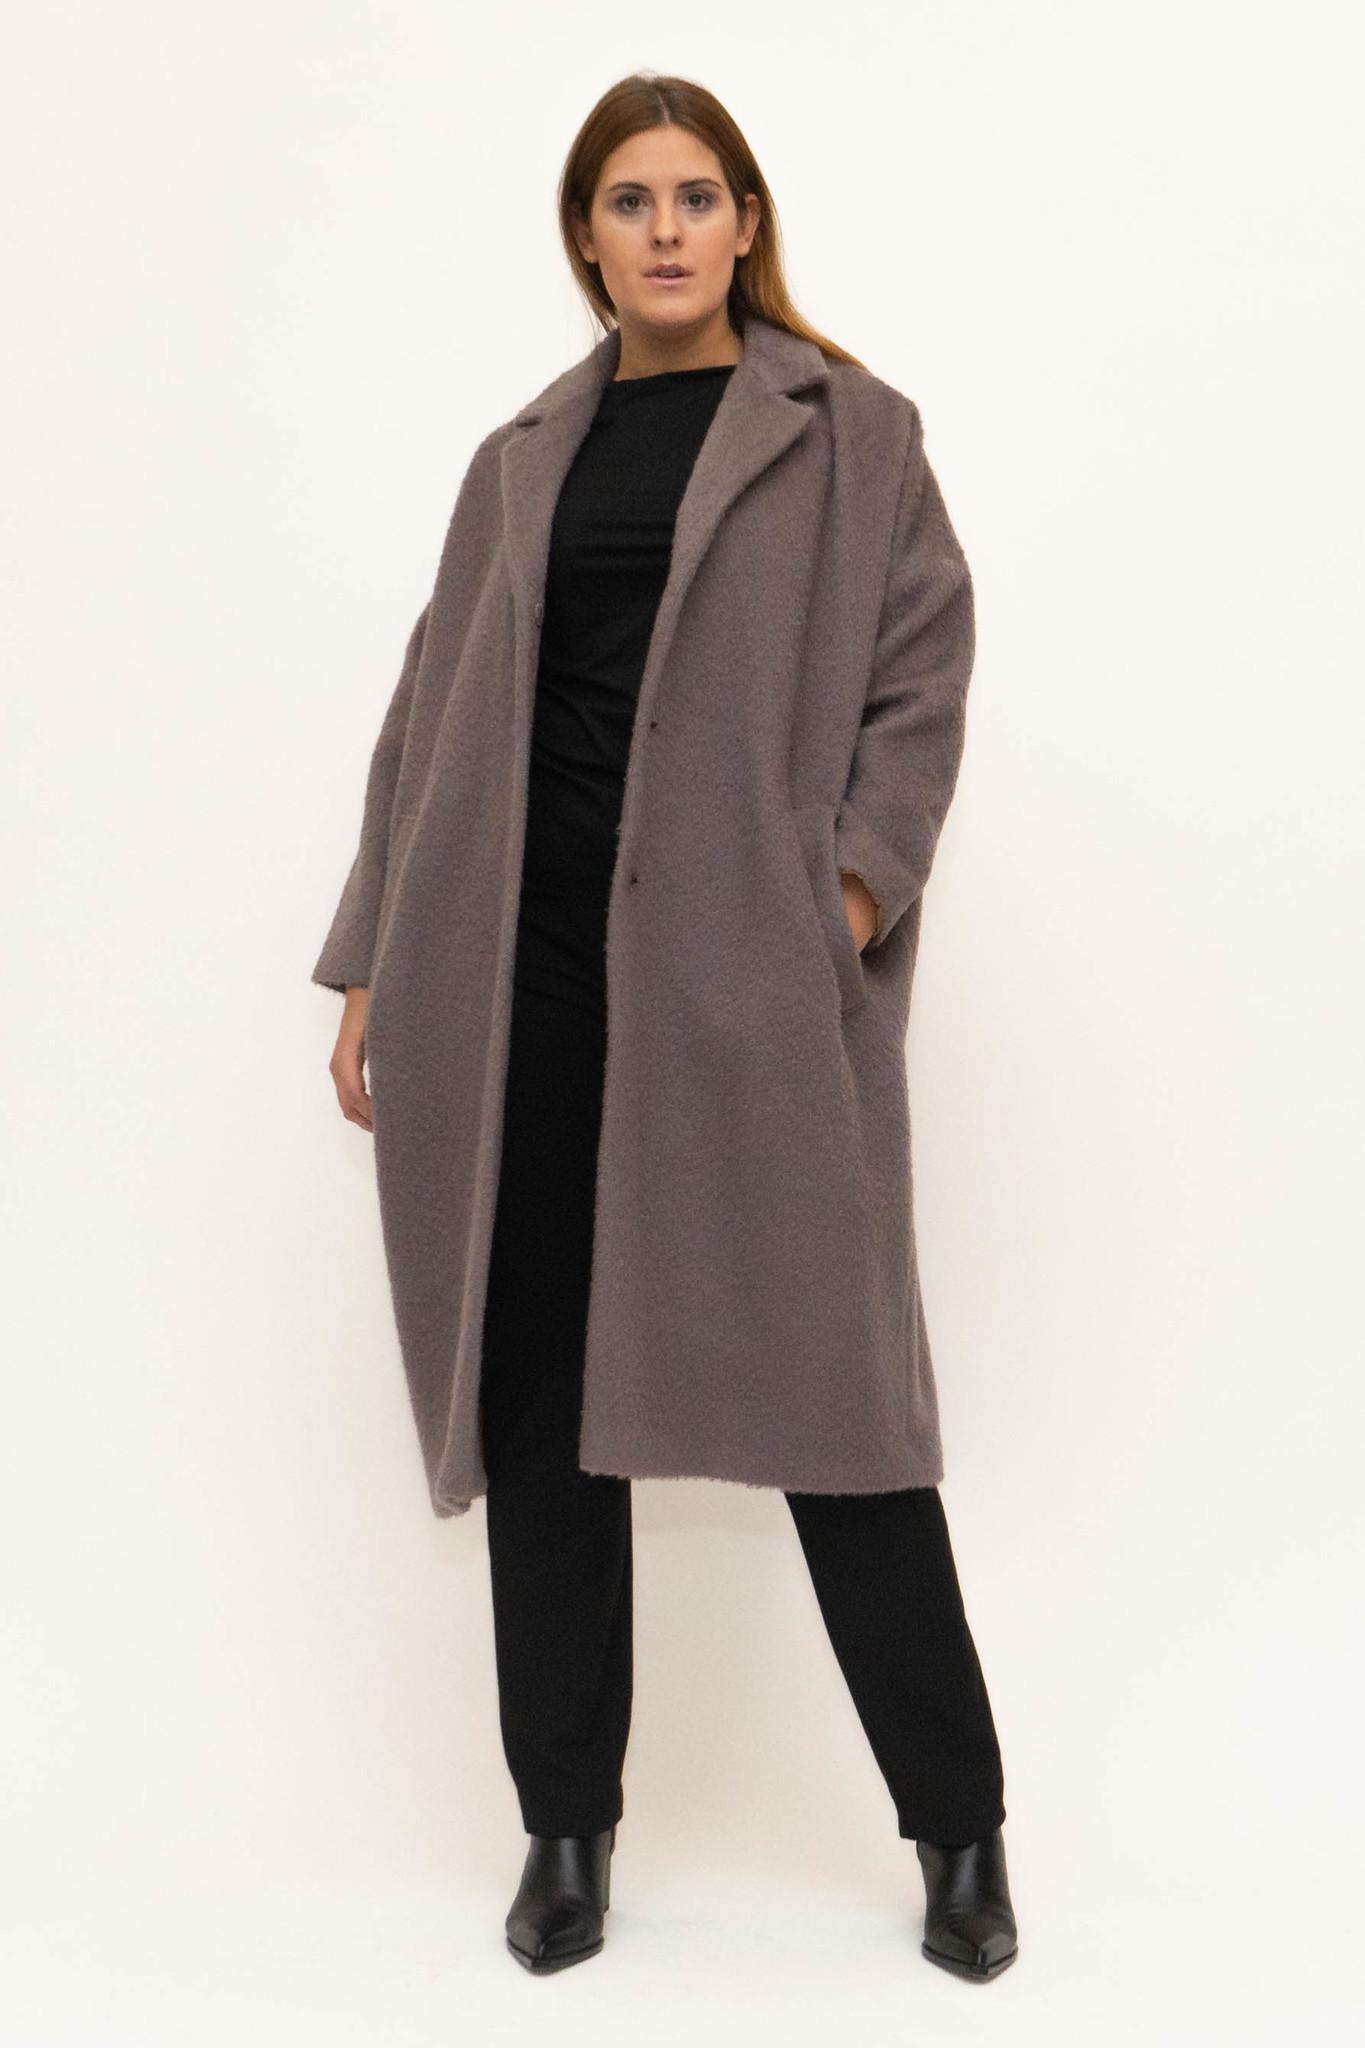 DOREEN Coat in Wool-Mohair blend-2